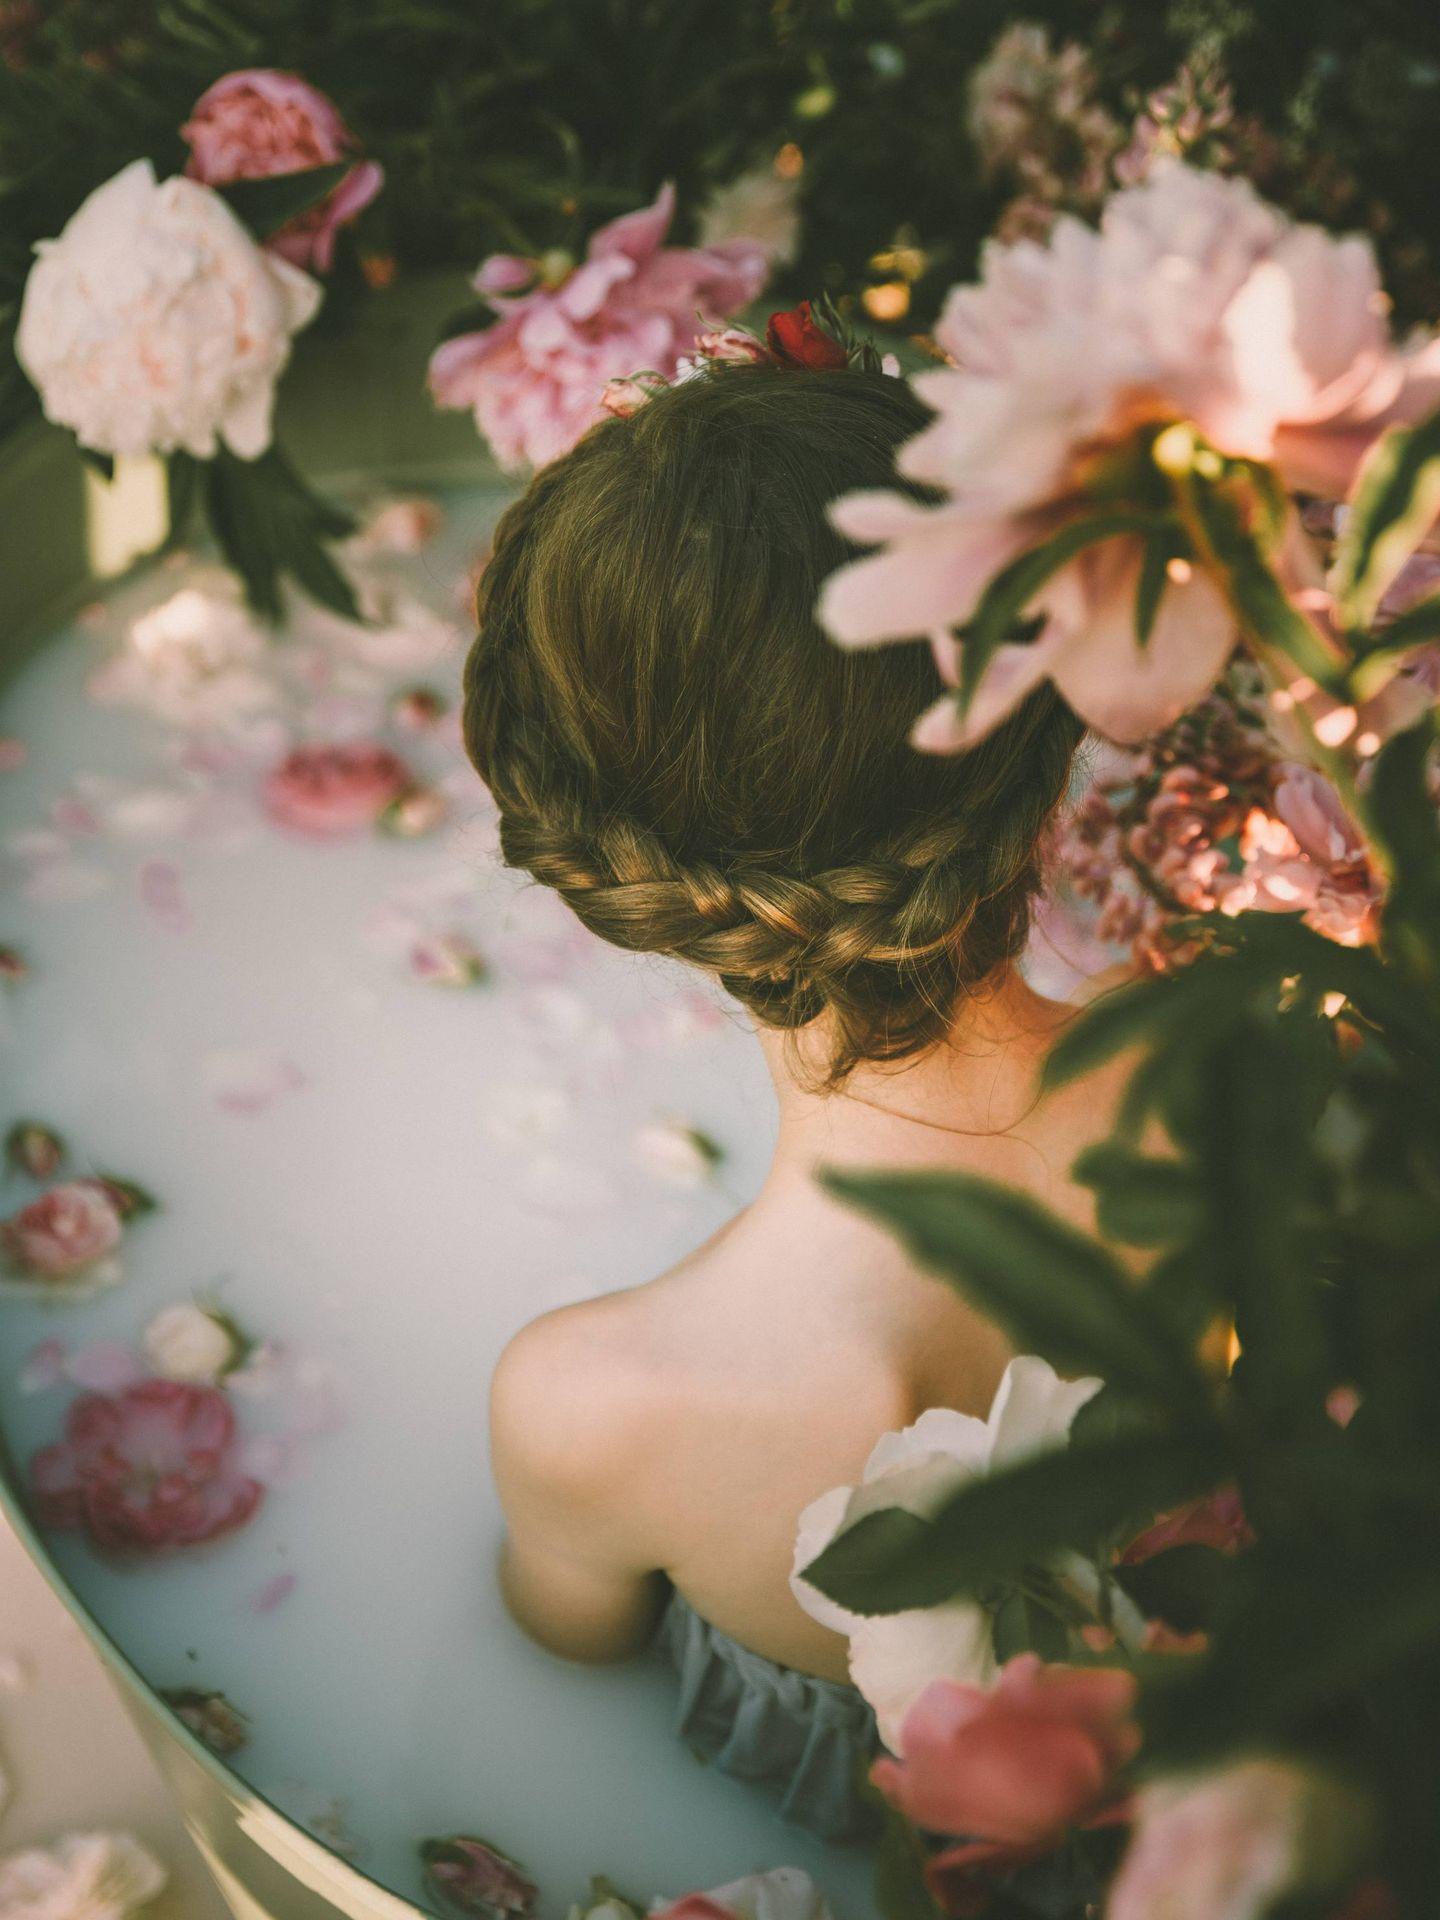 En busca de la belleza y la calma. (Anita Austvika para Unsplash)